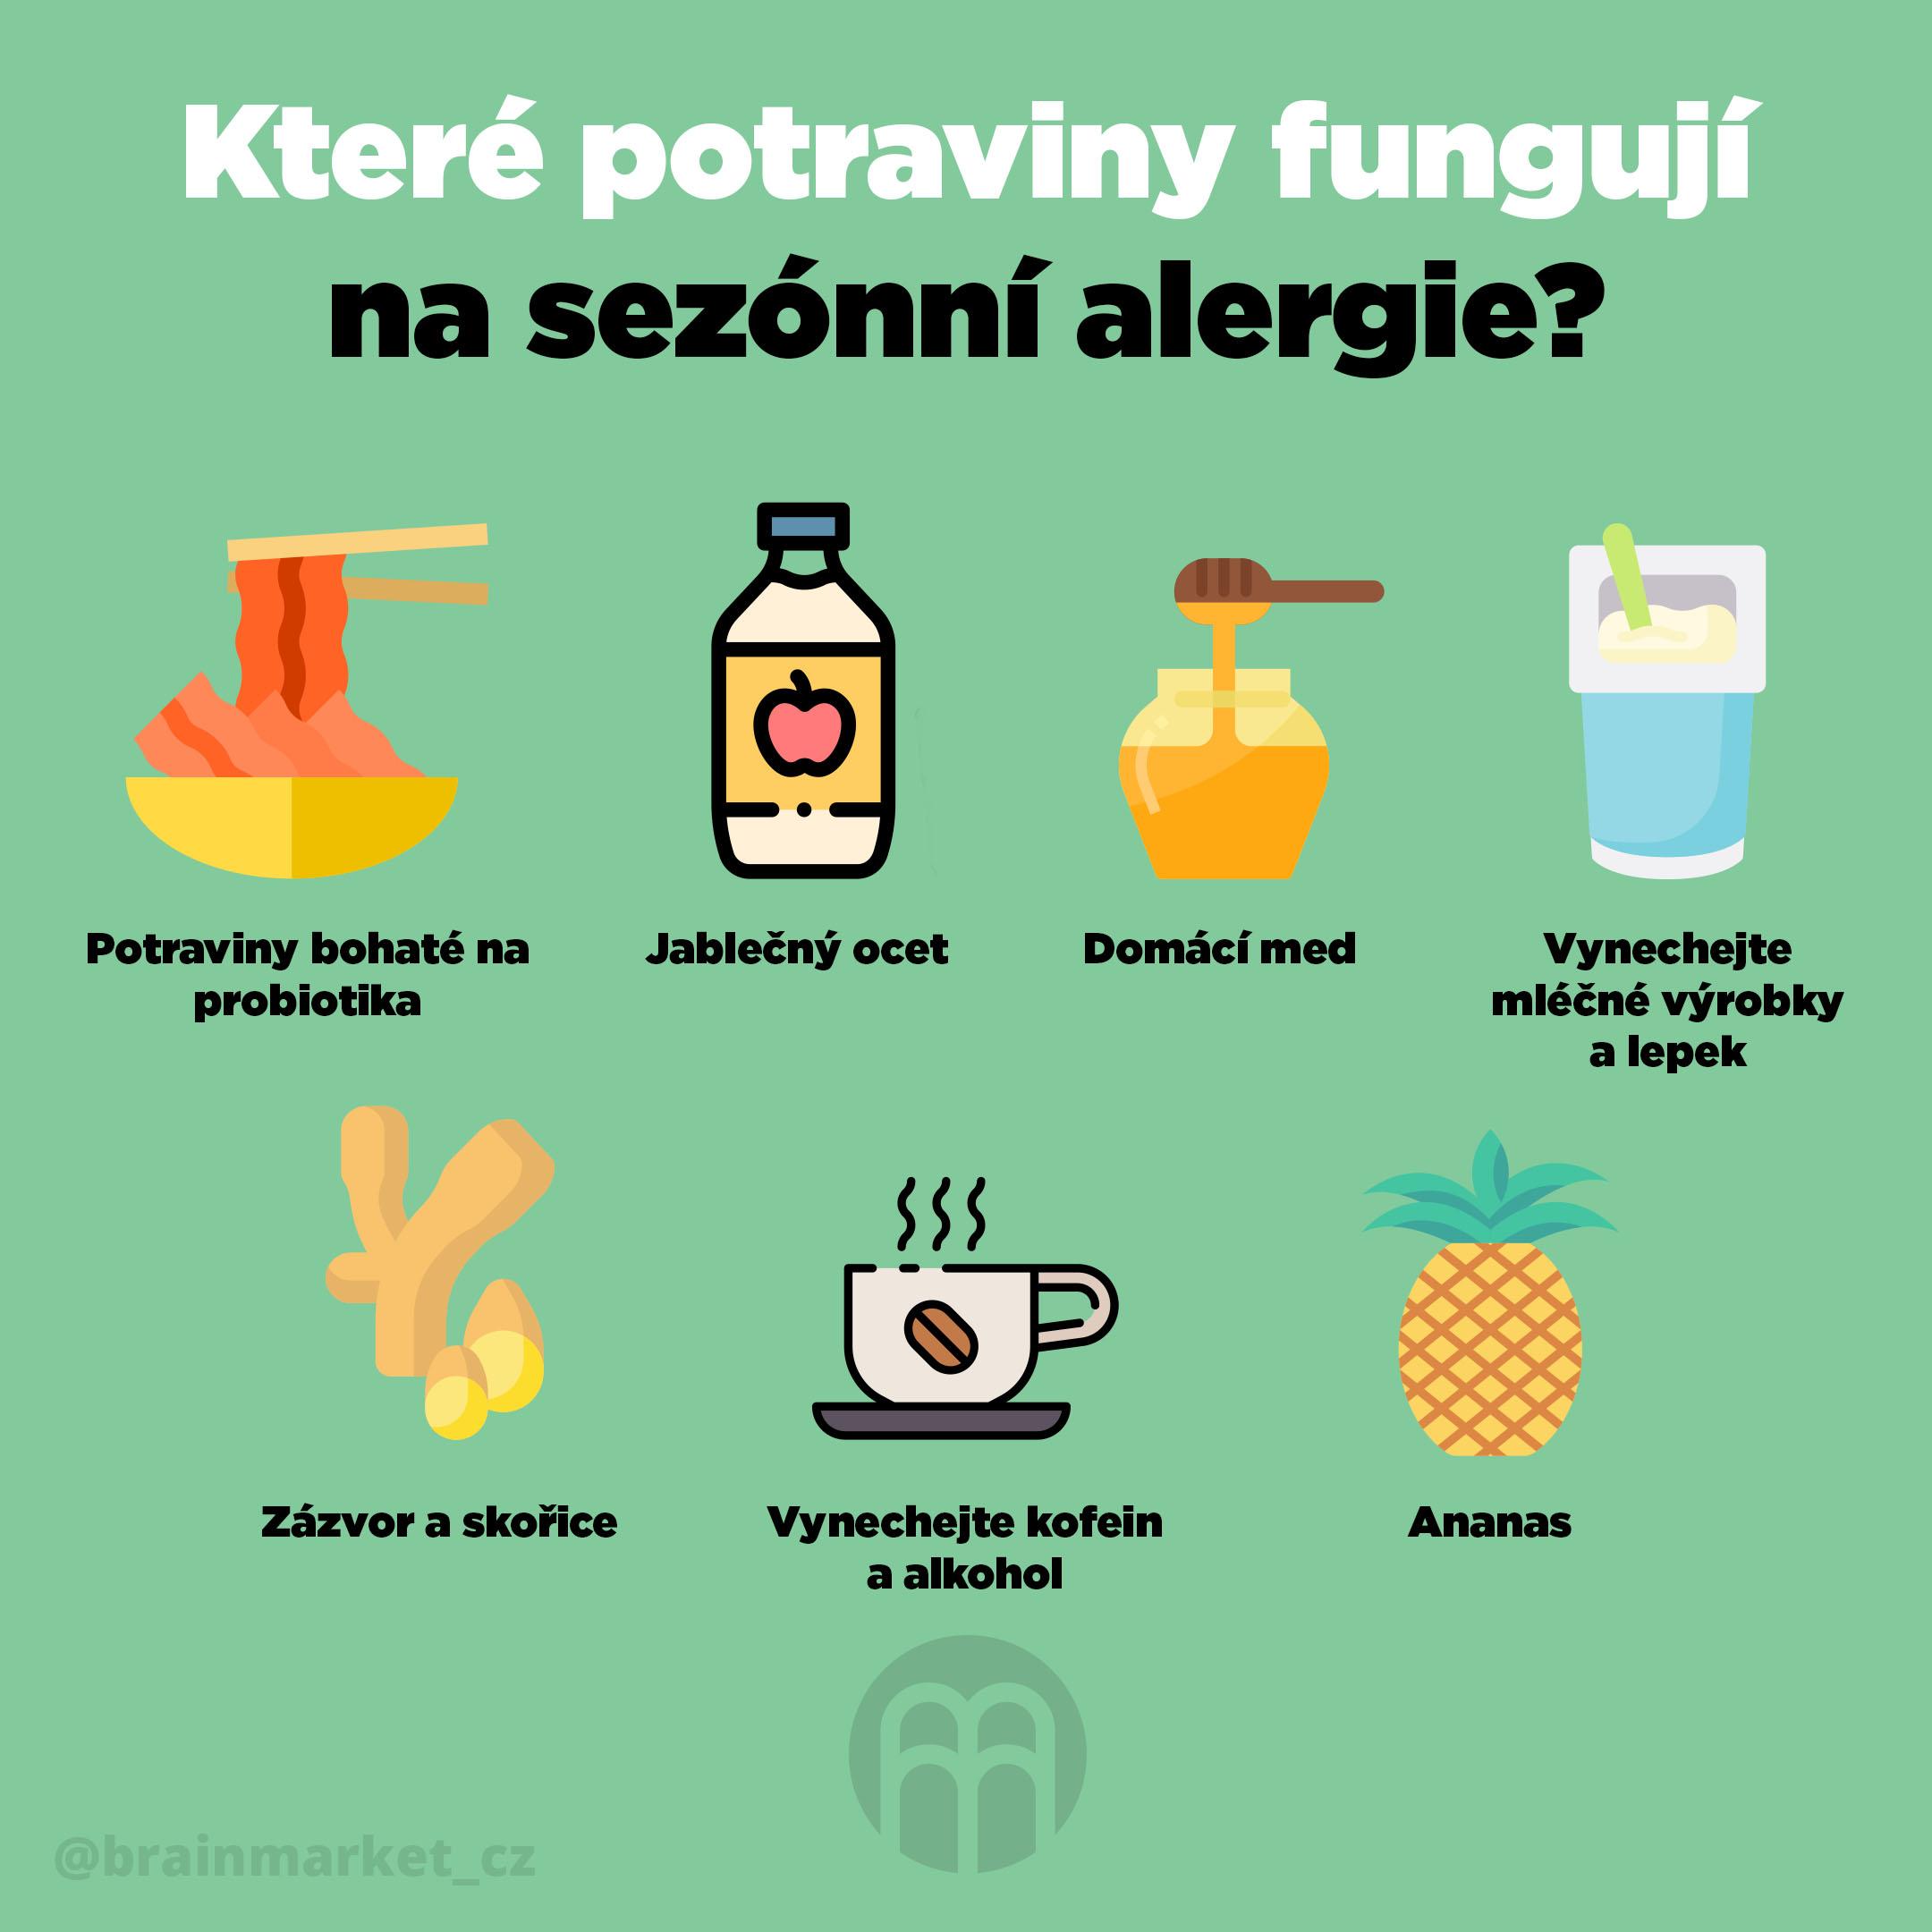 Které_potraviny_fungují_na_sezónní_alergie_infografika_CZ